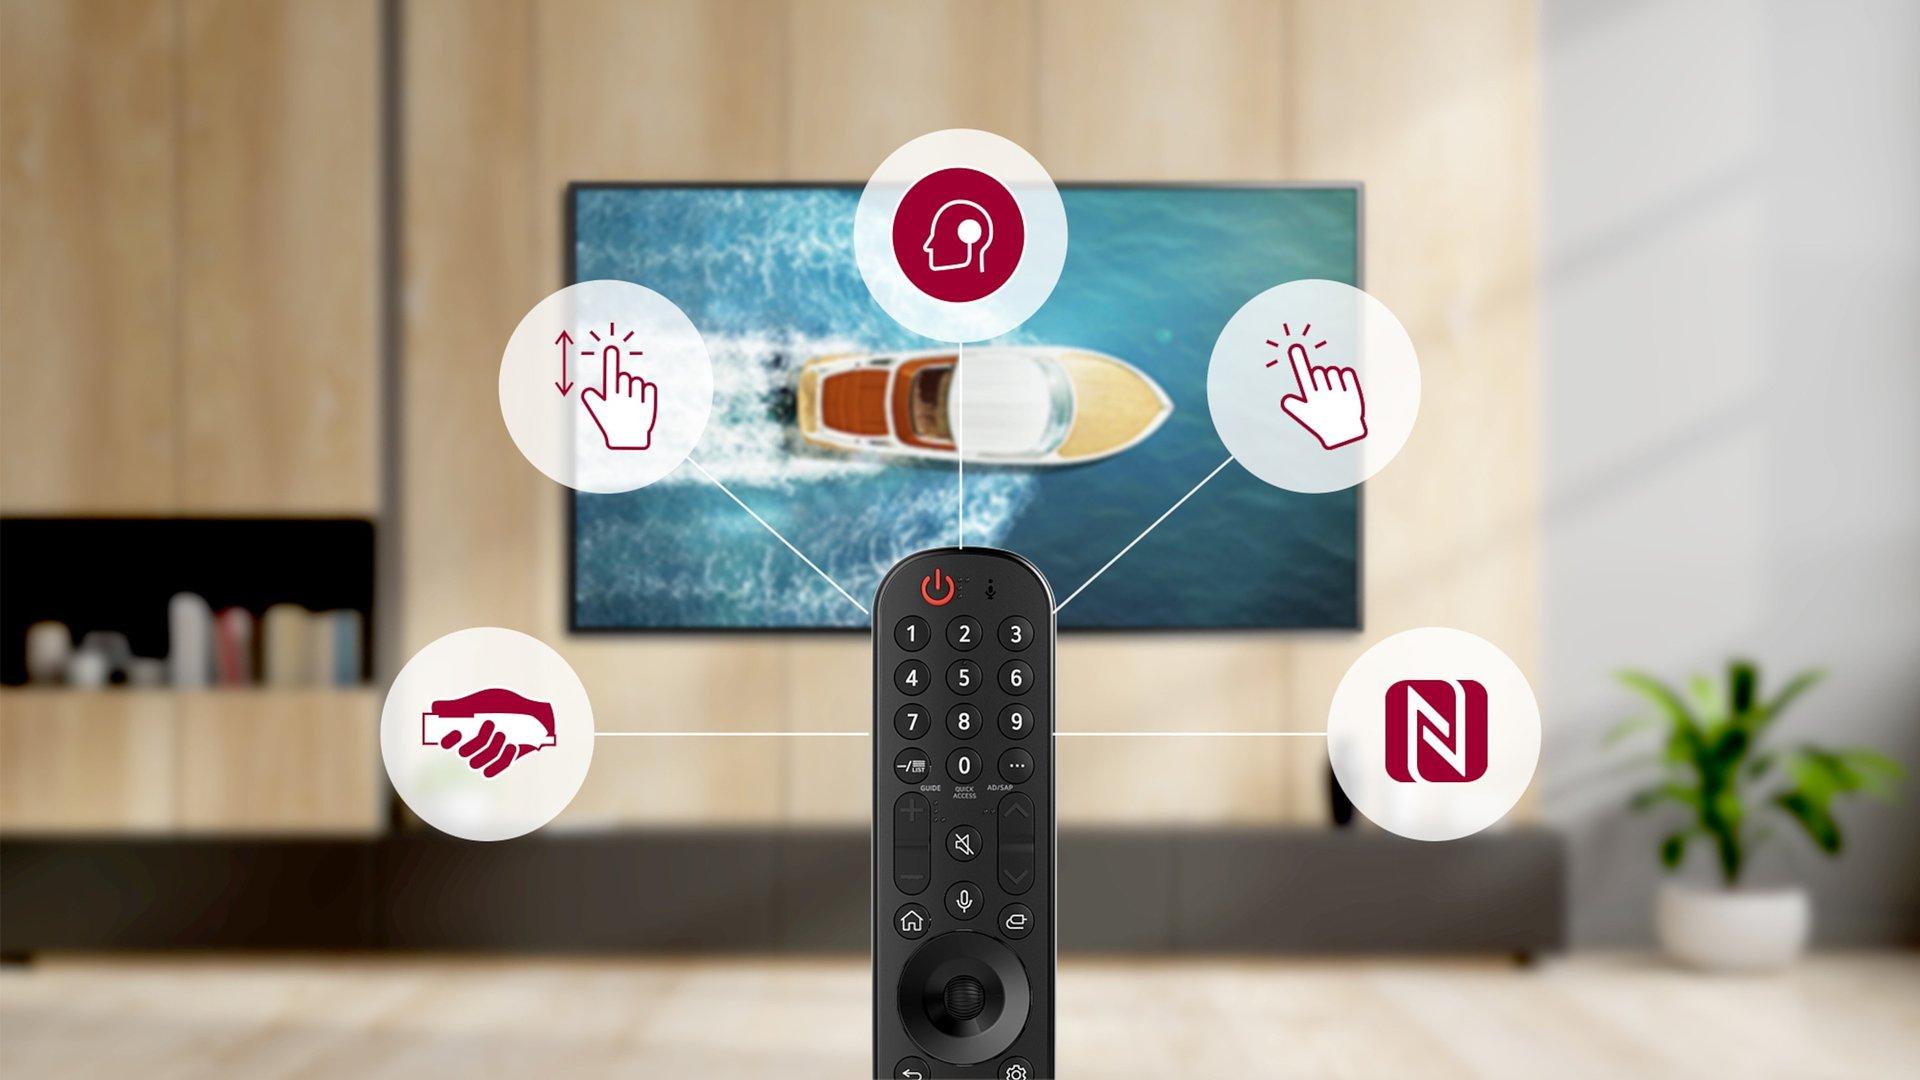 CES 2021: Firma LG prezentuje najważniejszą aktualizację systemu operacyjnego WebOS 6.0, uwzględniającą aktualne sposoby odbioru treści przez widzów